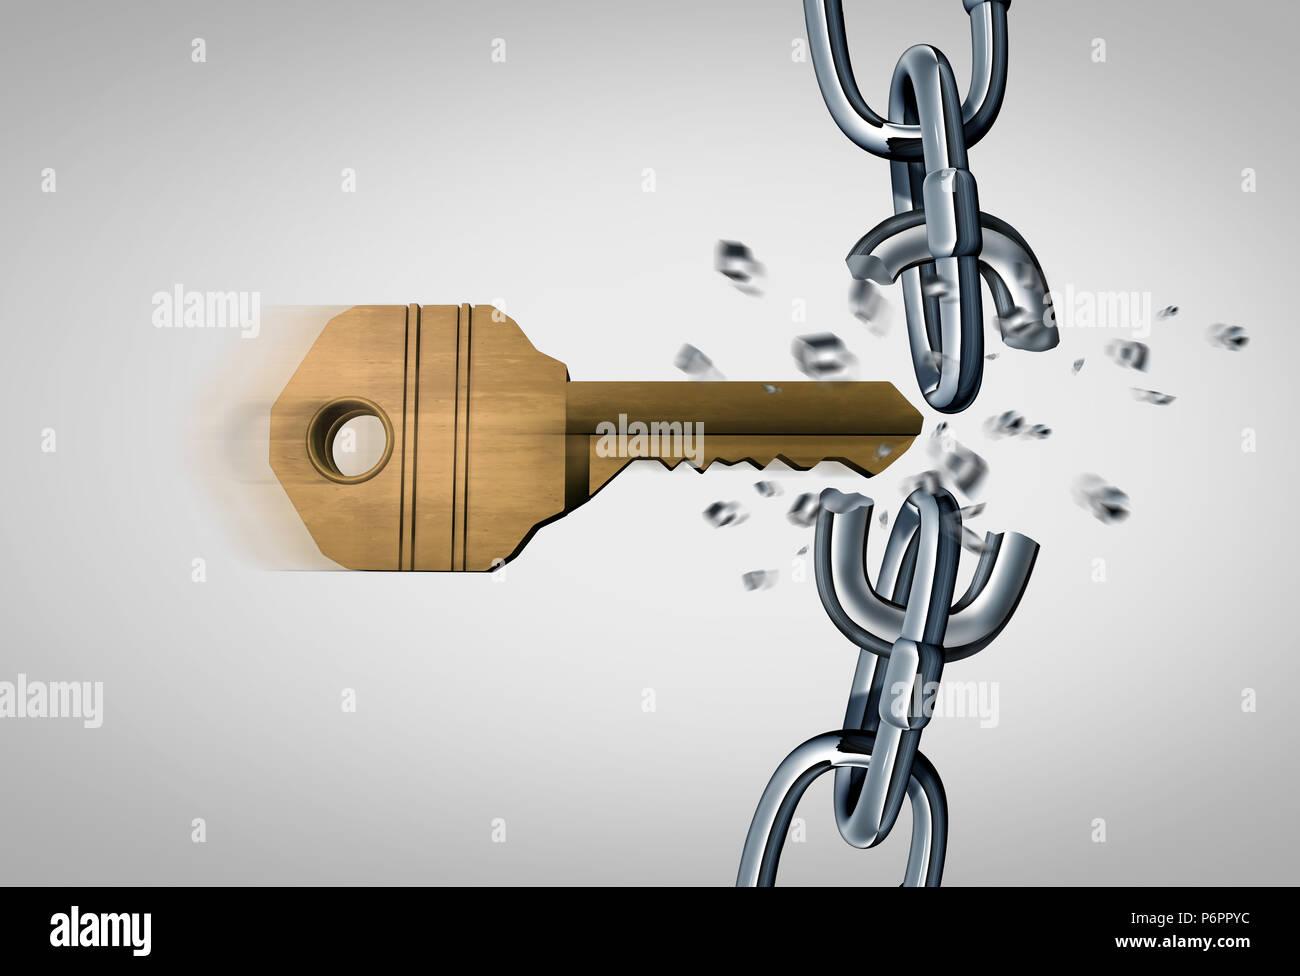 Briser la chaîne et un concept comme une rupture des liens de métal comme un succès et de sécurité de l'entreprise comme une icône 3D render. Photo Stock